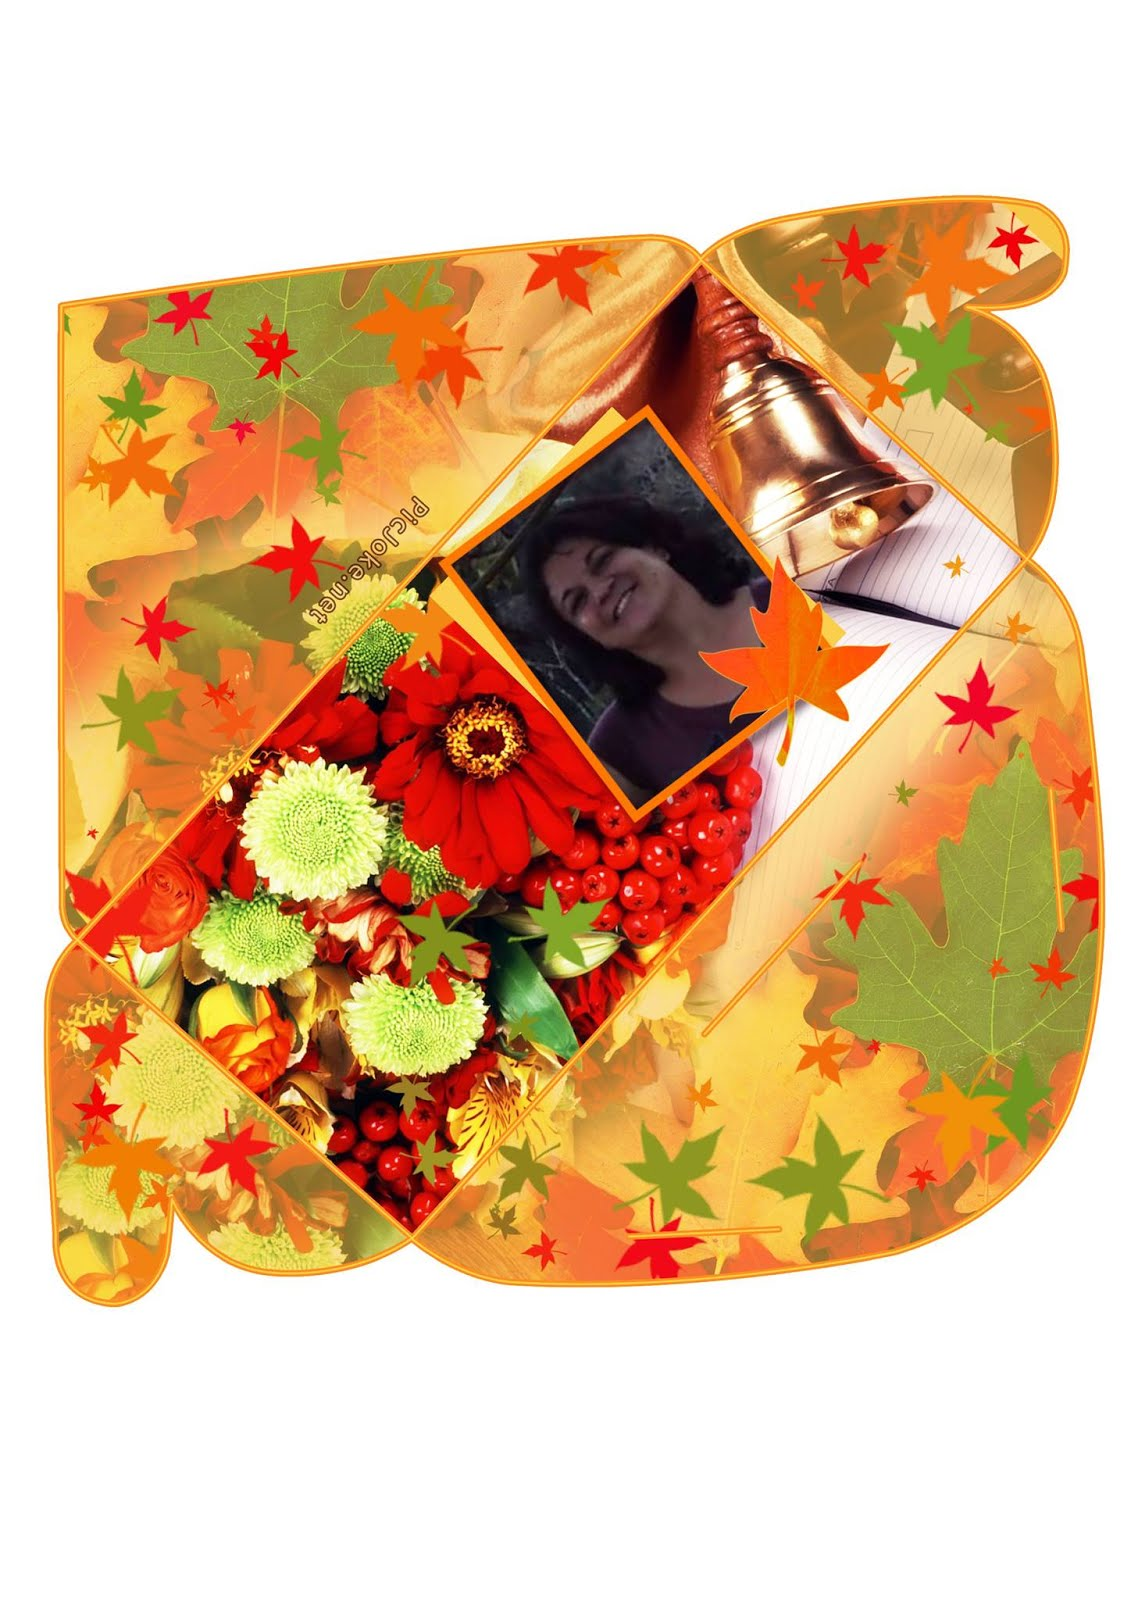 Poeta e amiga Suely Rosa.♥Grata pelo carinho.